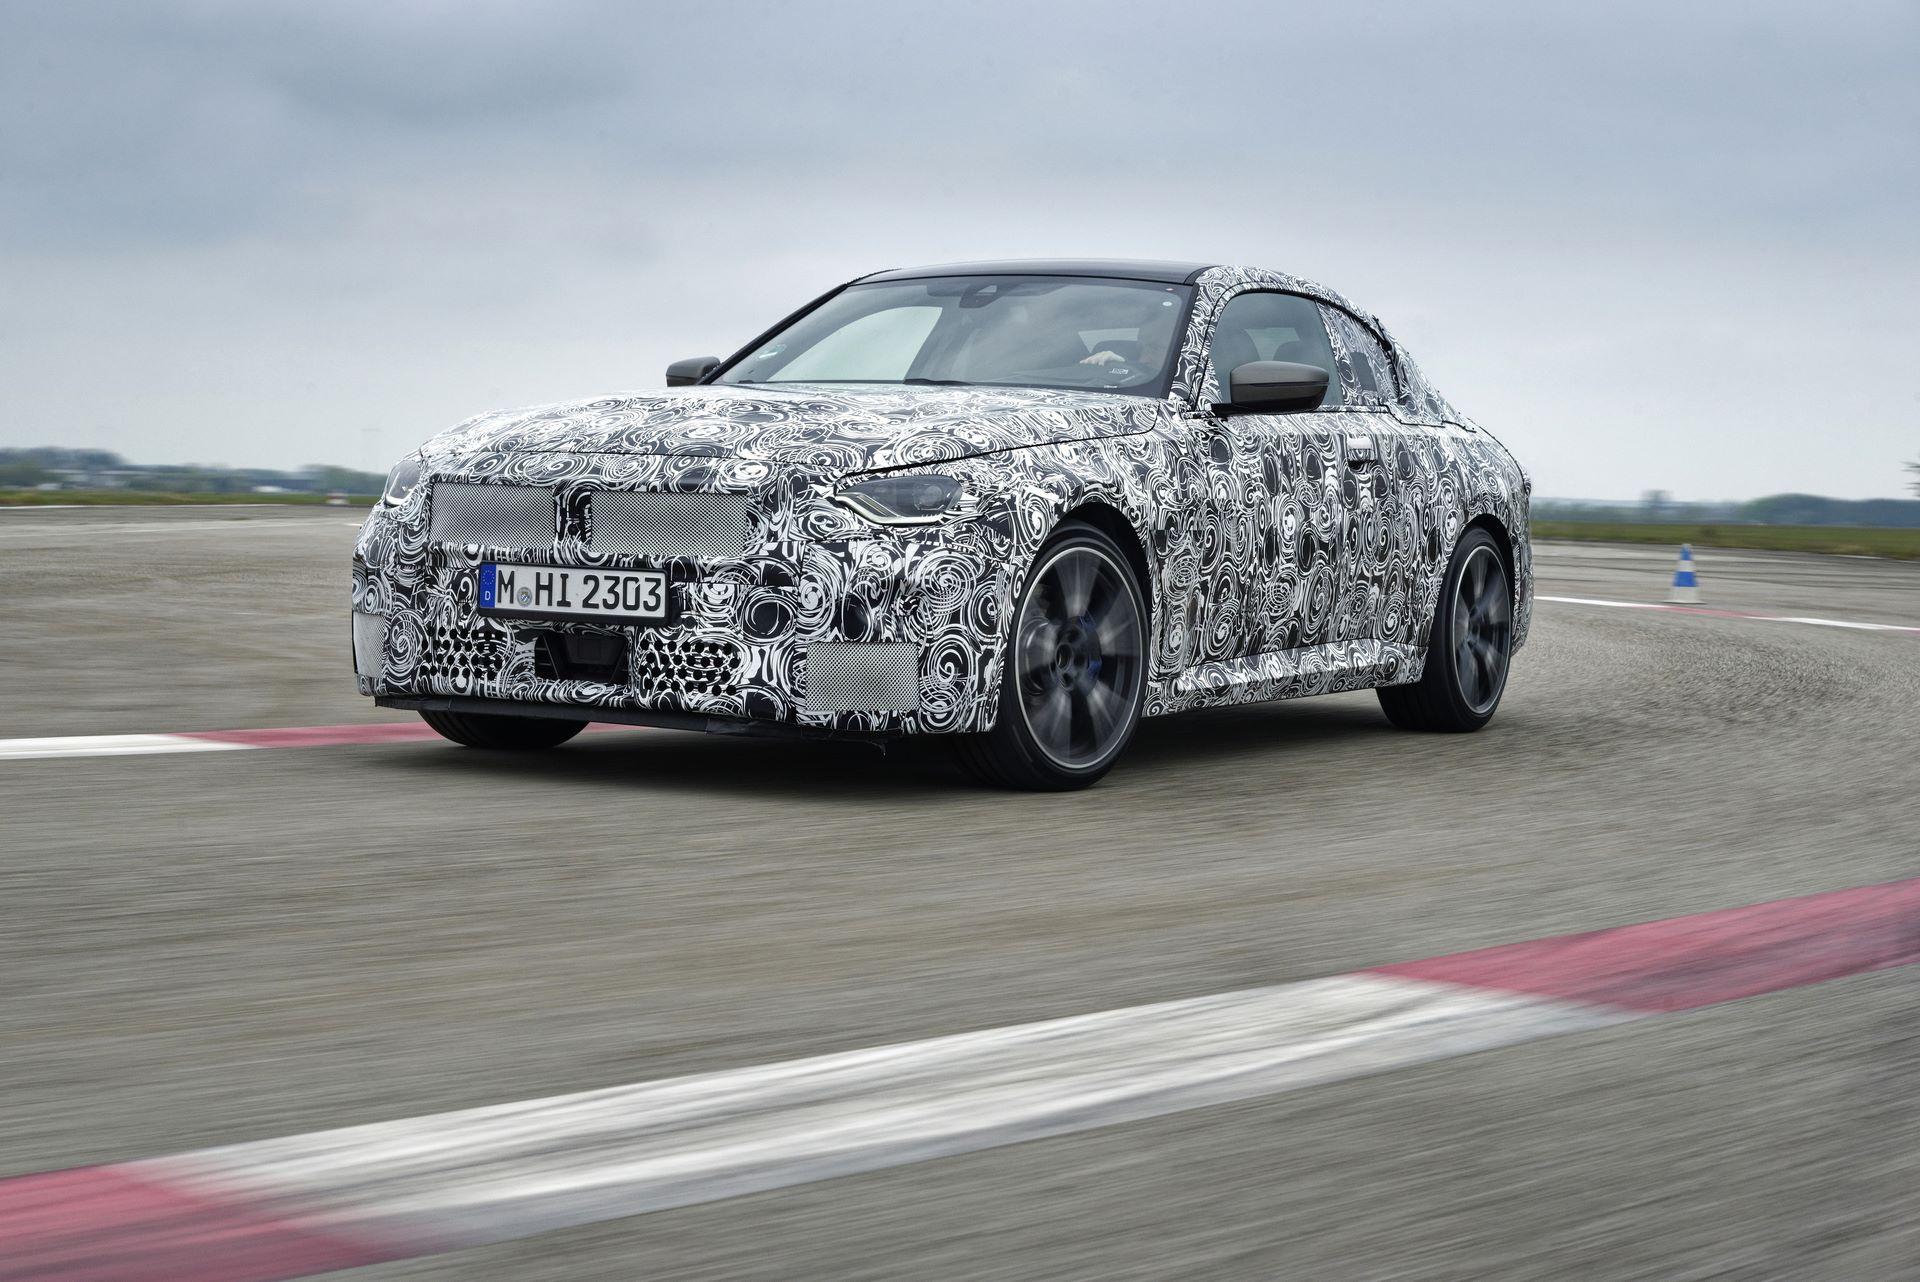 BMW-2-Series-M240i-spy-photos-81